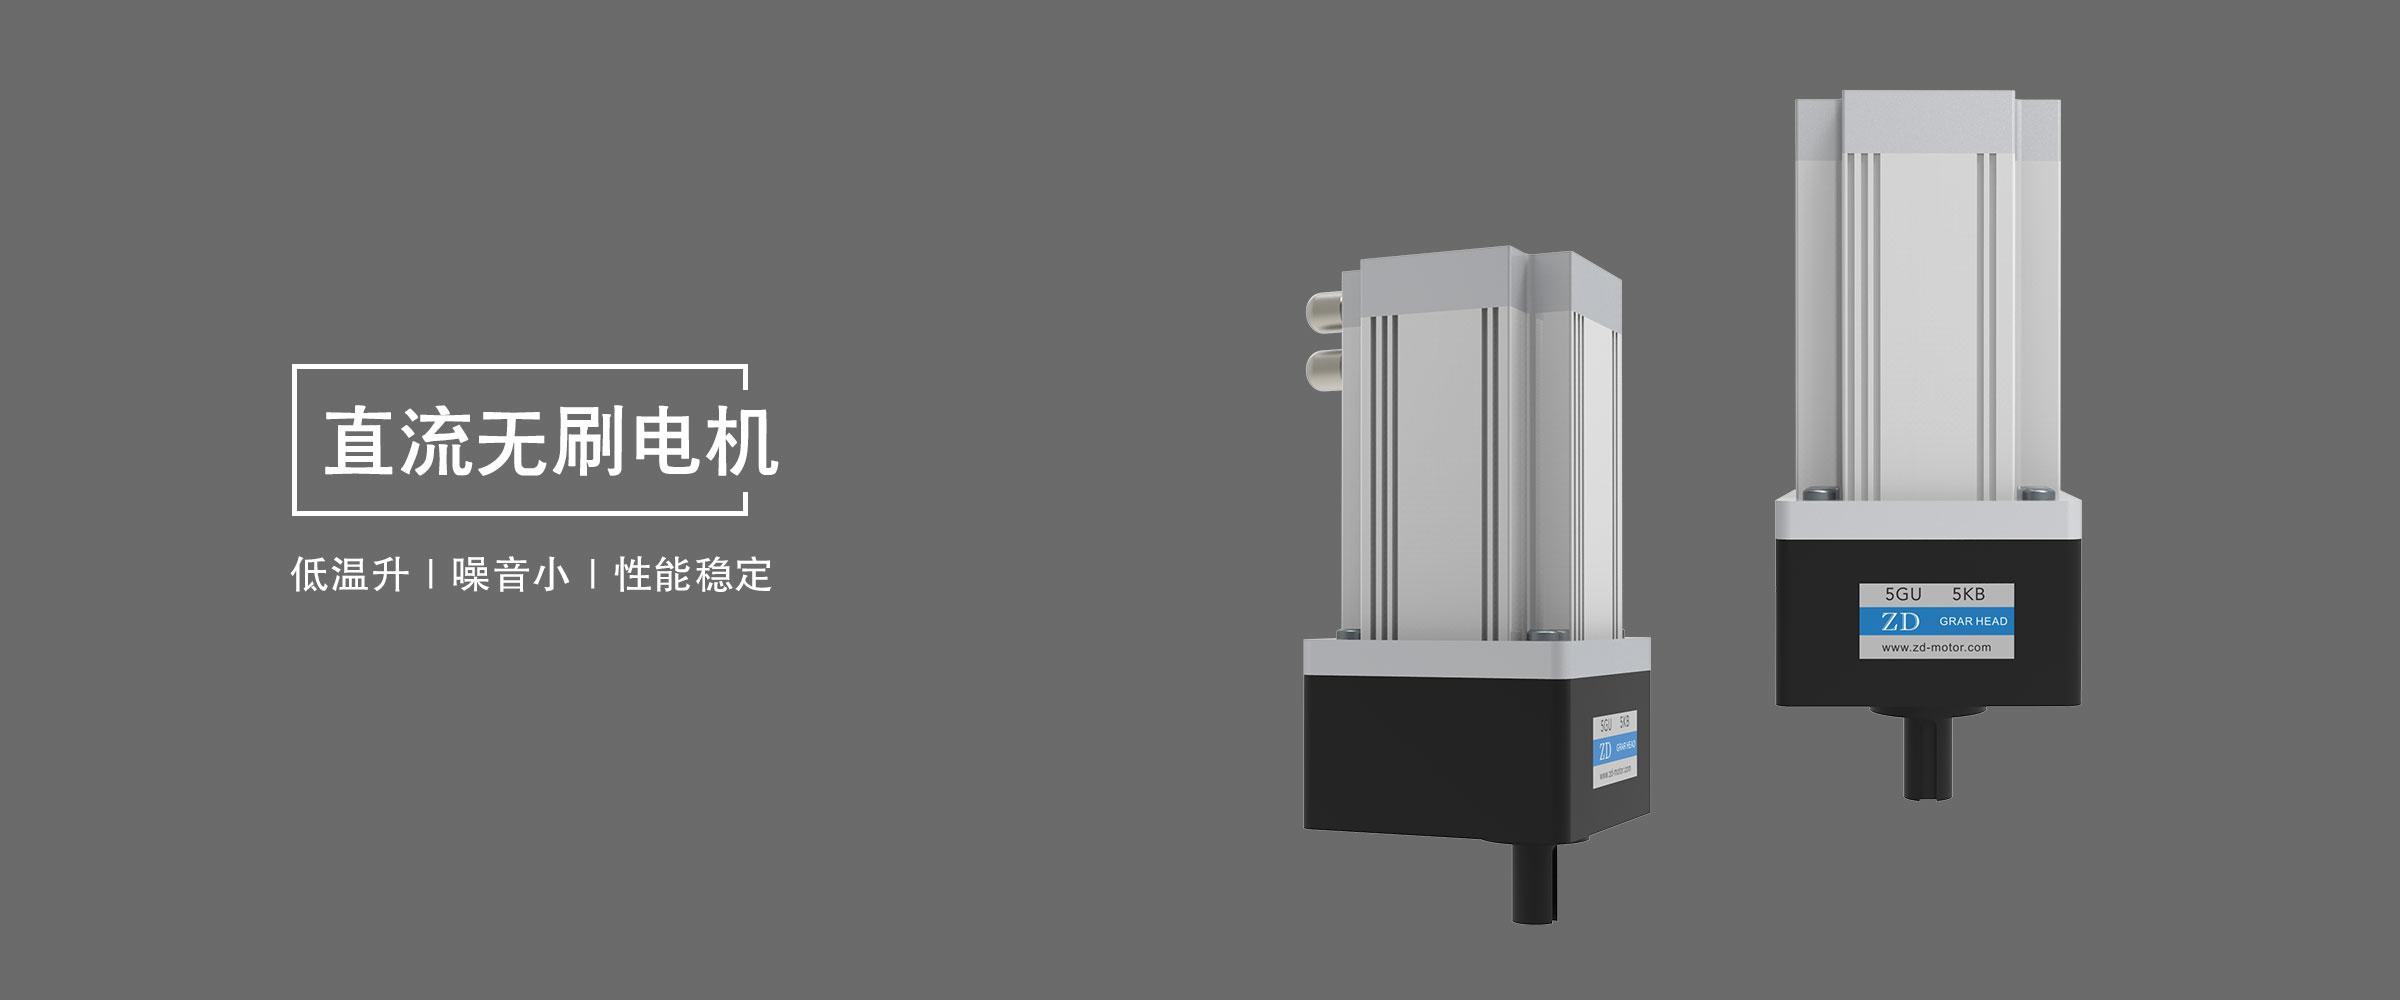 升降玻璃反应釜 (4)